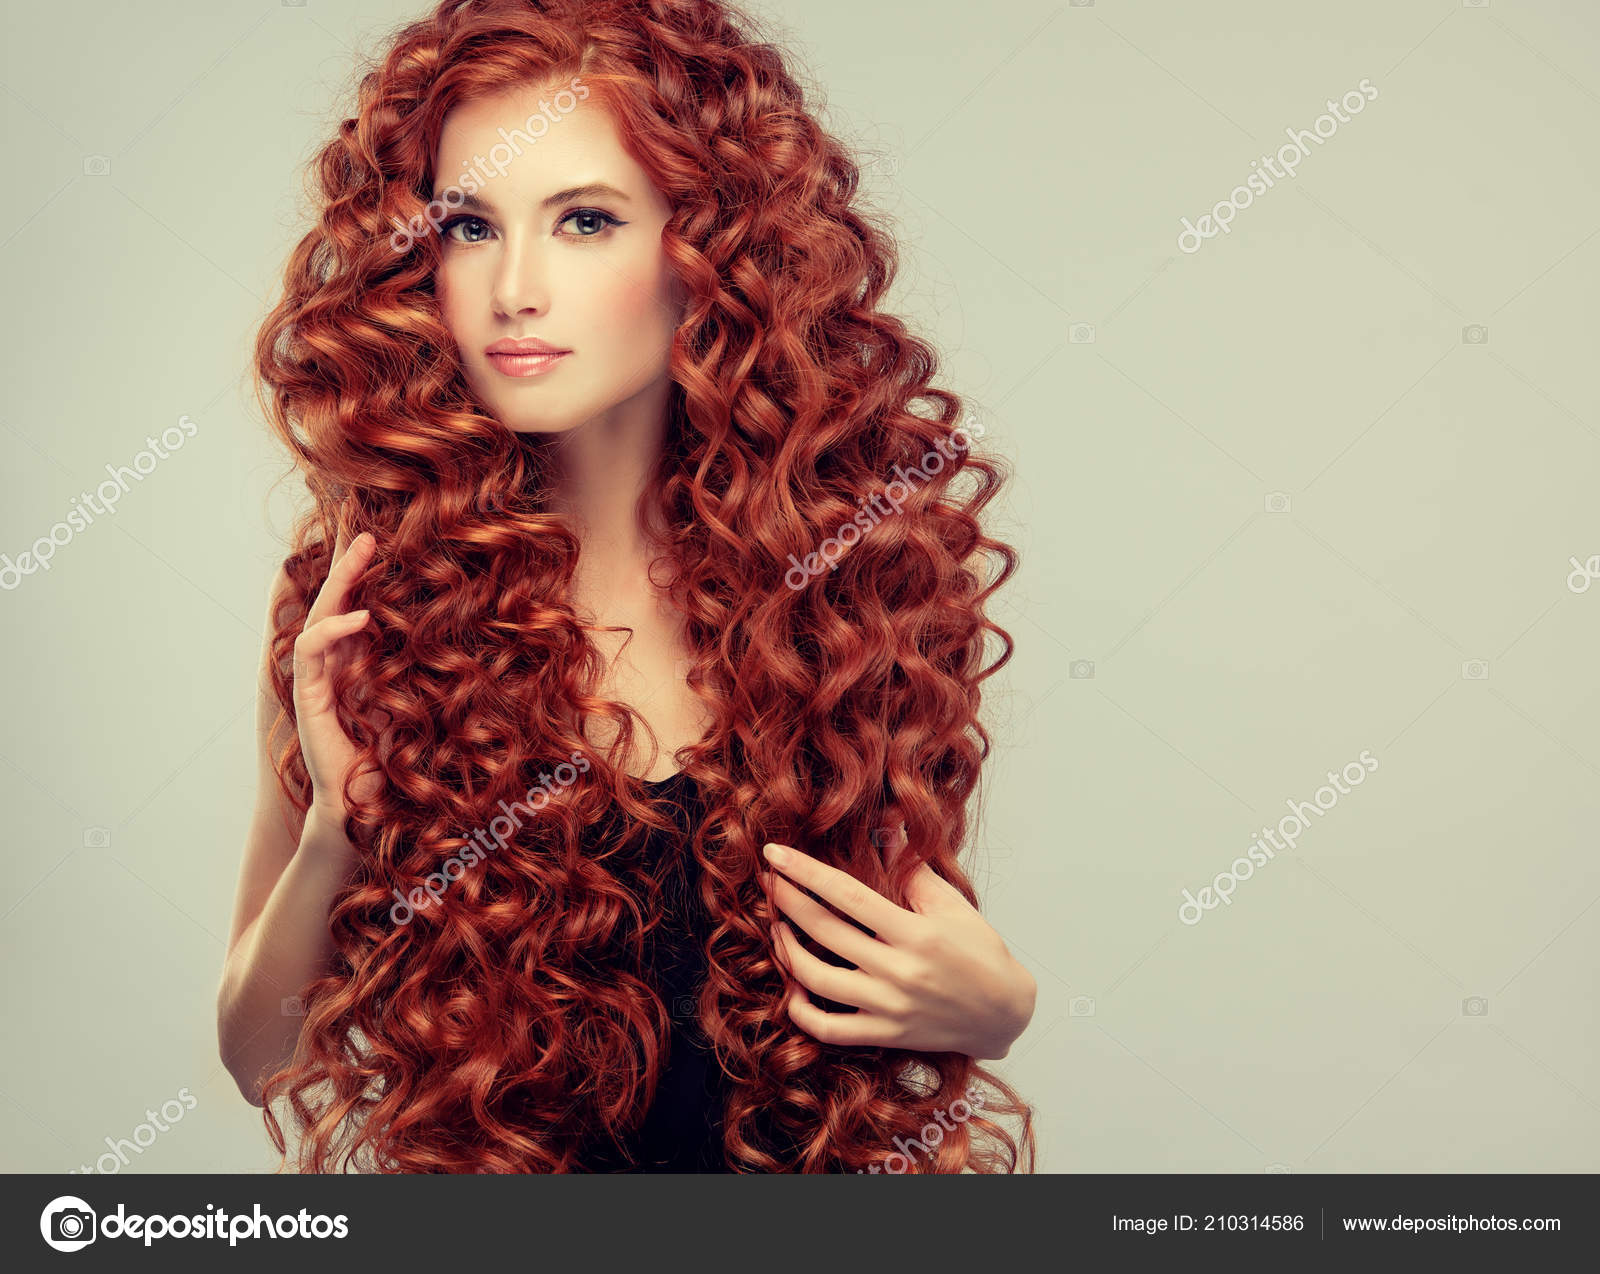 Chica Hermosa Modelo Con Pelo Rojo Rizado Mujer Joven Con